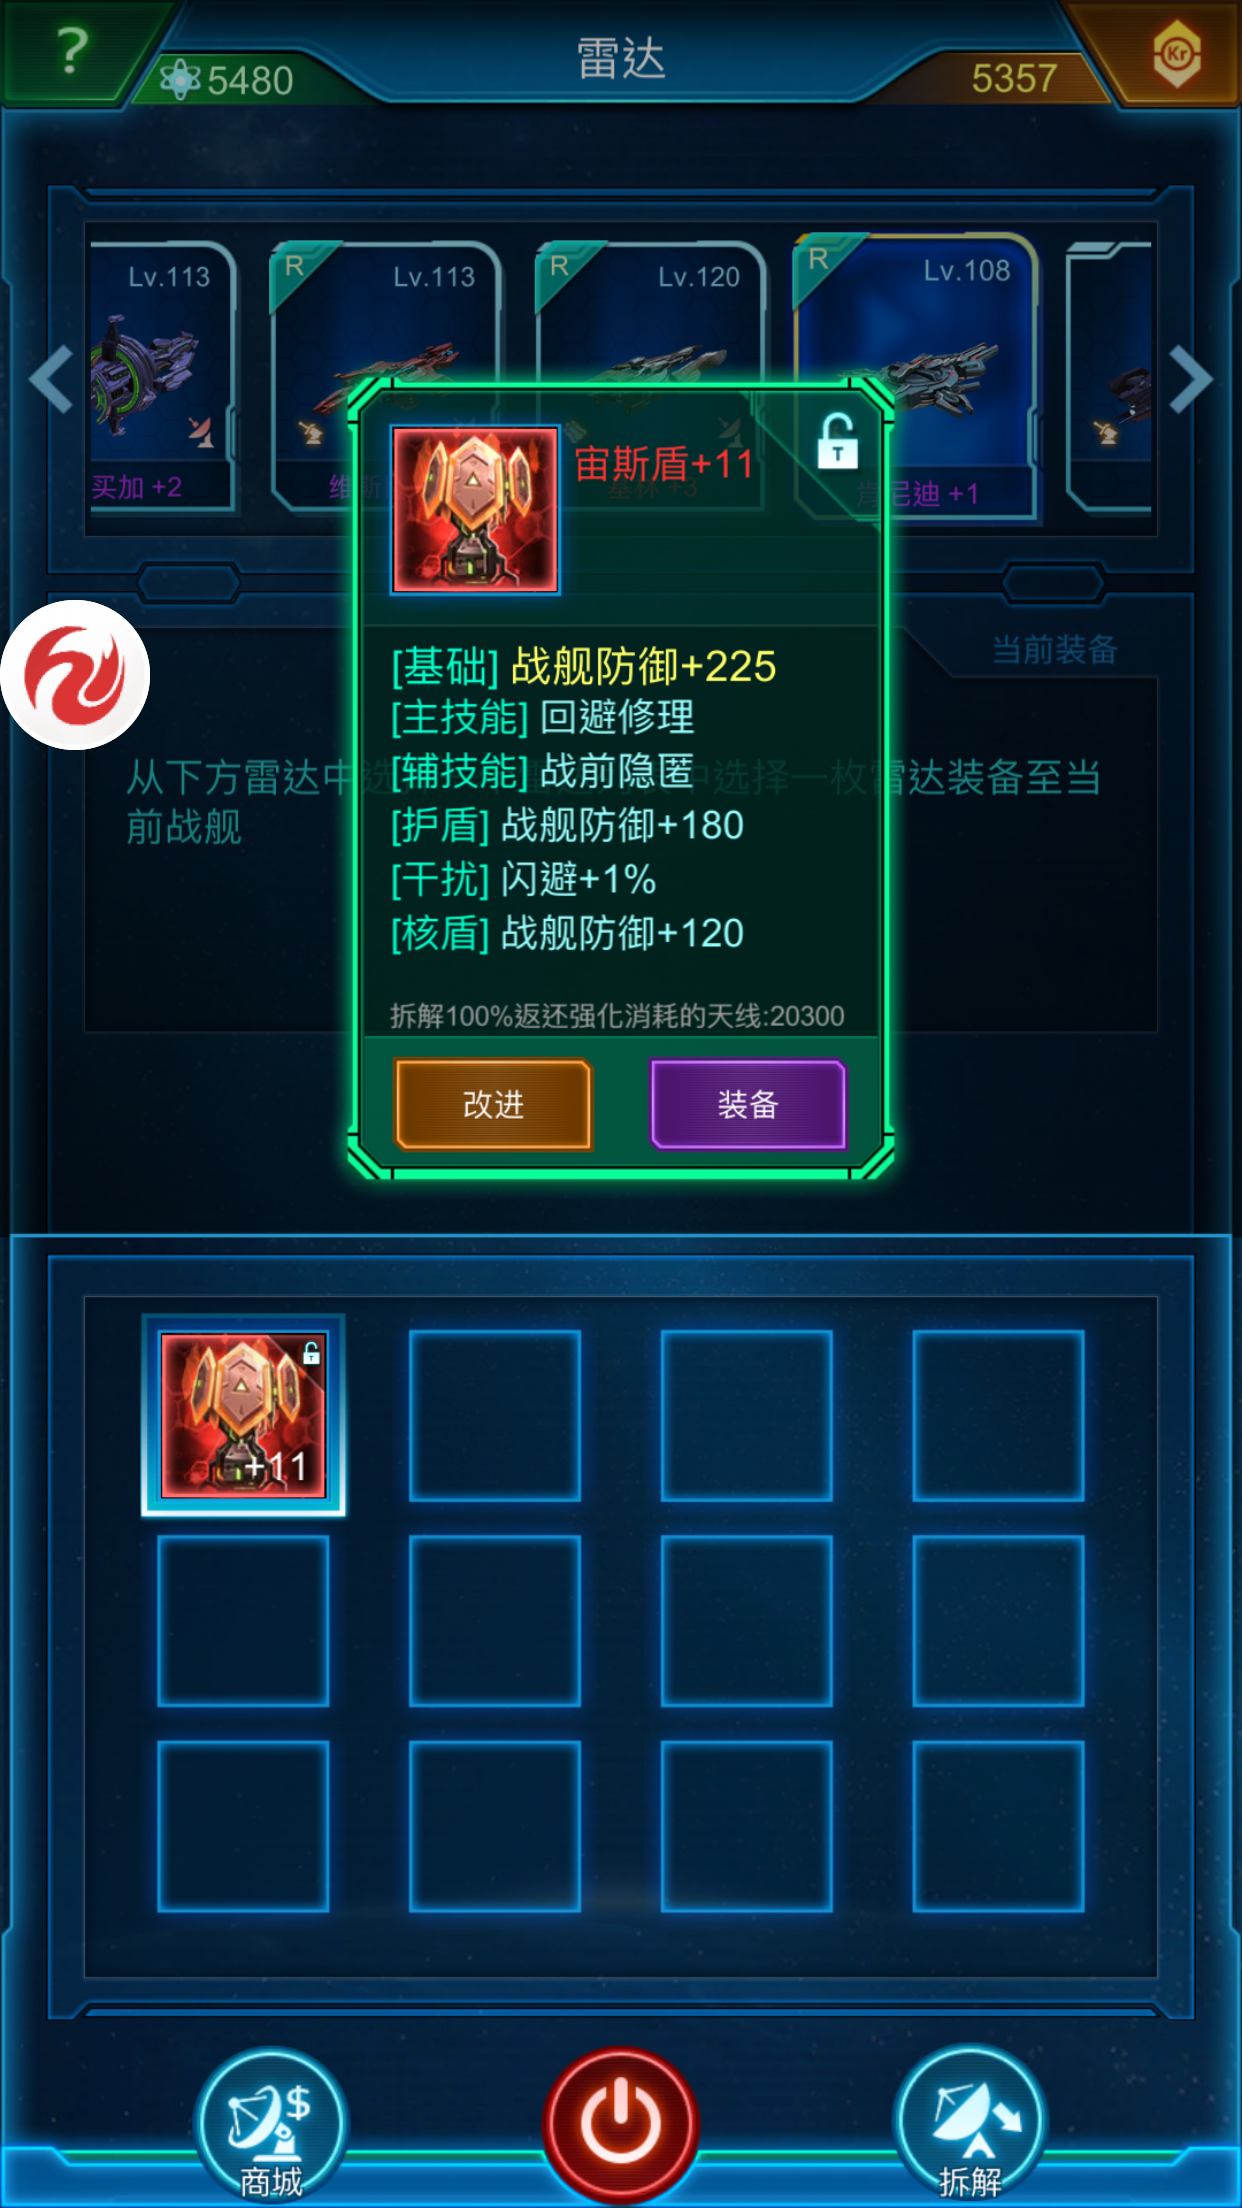 B124F8FE-53C1-43DB-881D-8A8AA8446B5F.png